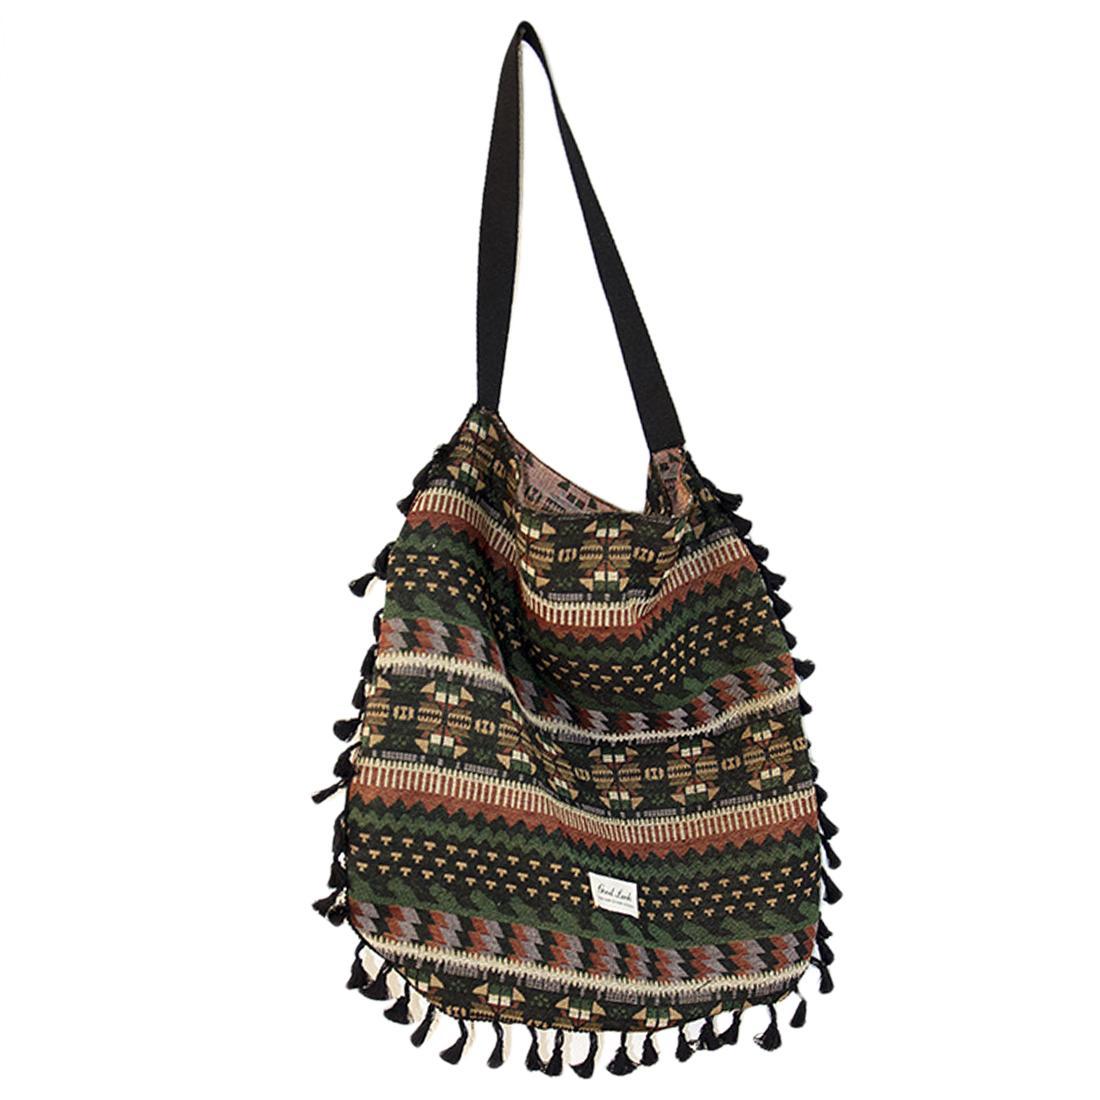 Retro Style Cotton Linen Bag Single-shoulder Bag with Tassel 1912a49d8a651